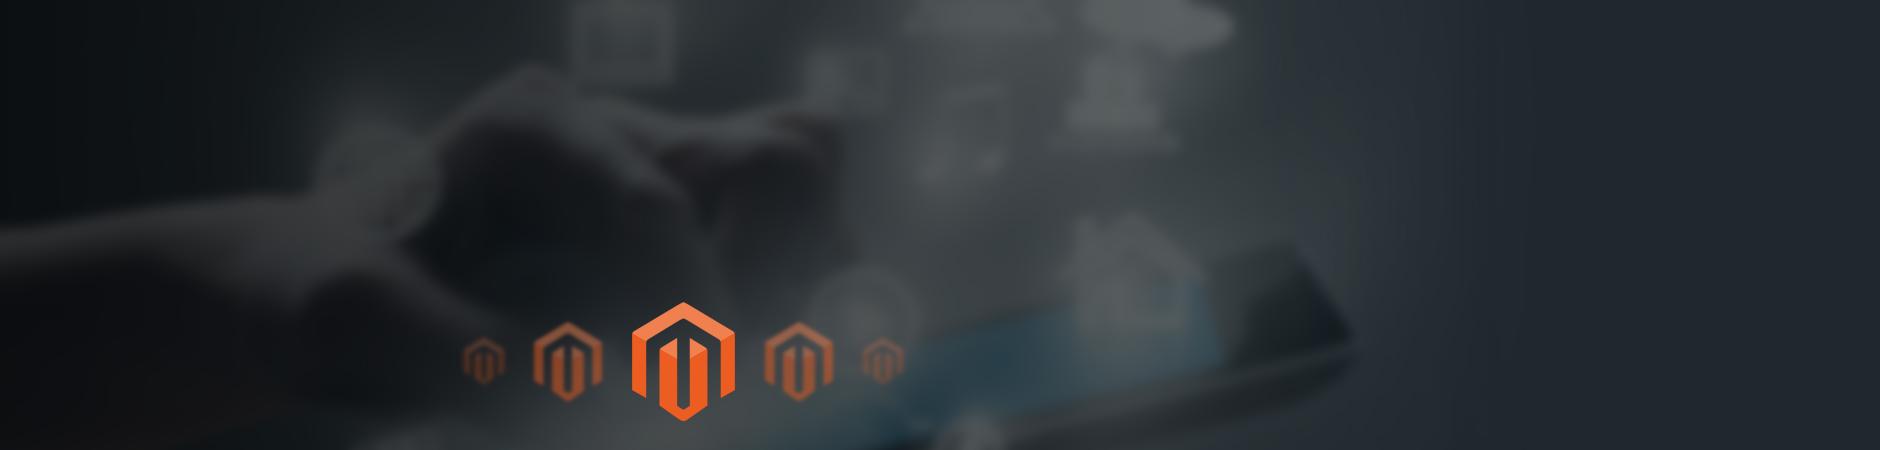 Magento eCommerce SEO Company | Magento SEO Services | Velsof